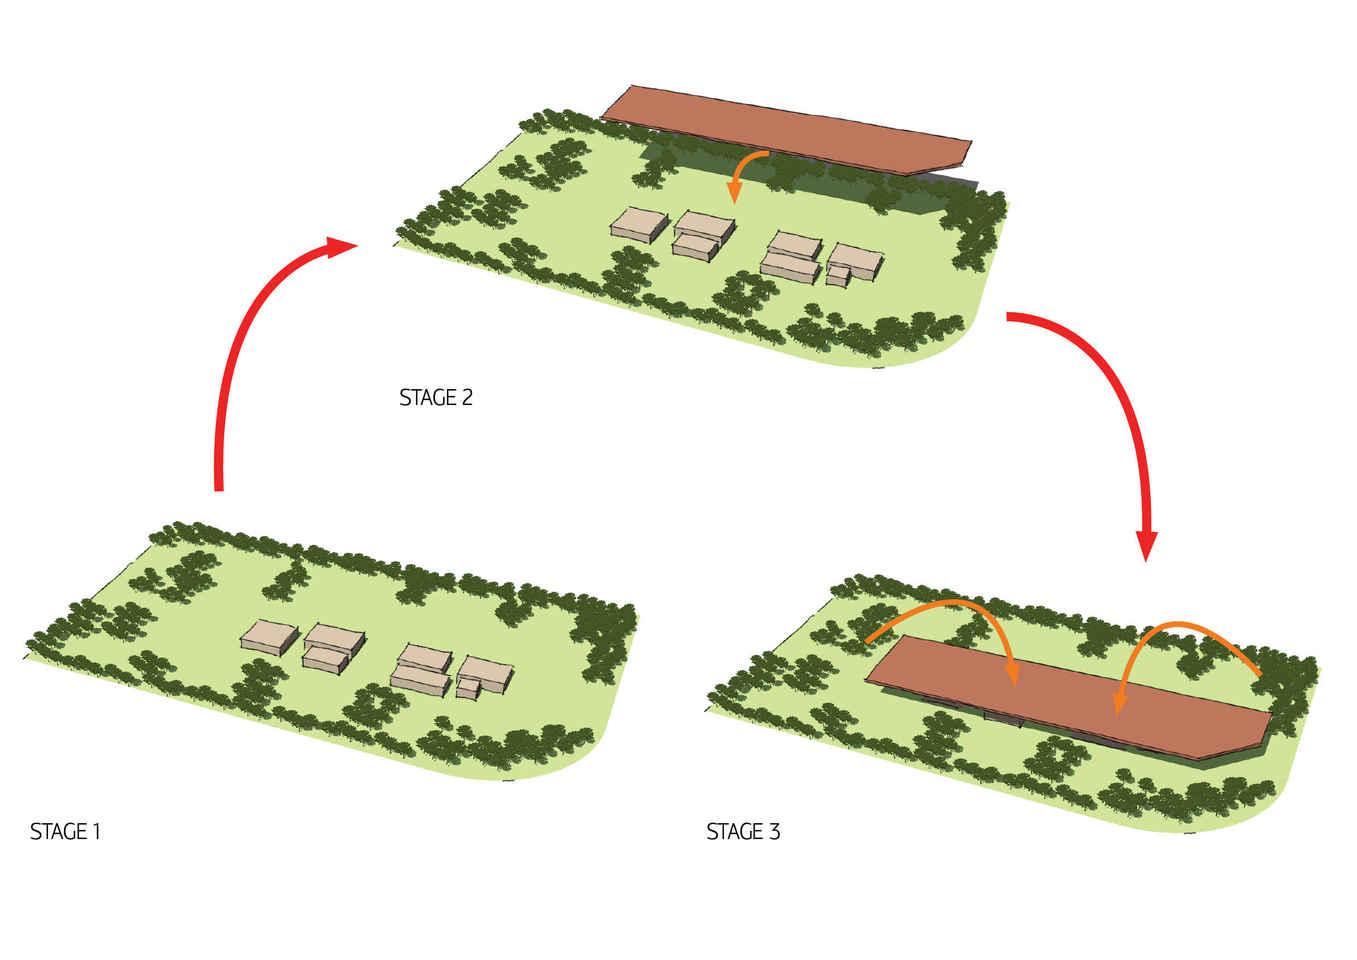 LAB_CTC_111019_Concept Diagram_P01.jpg